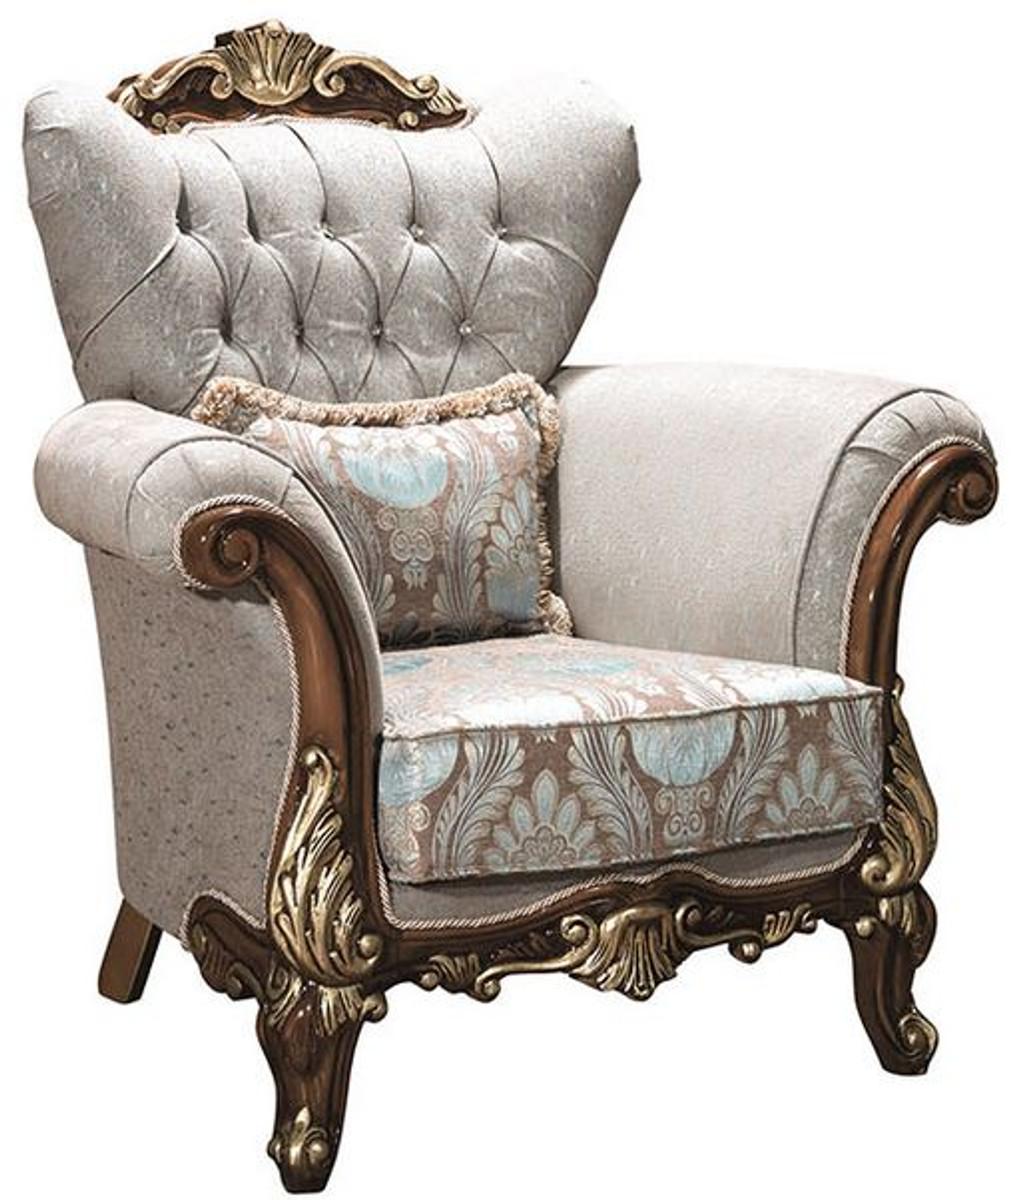 casa padrino fauteuil de salon baroque de luxe avec strass et oreiller decoratif gris argent marron or 112 x 83 x h 115 cm meubles baroques